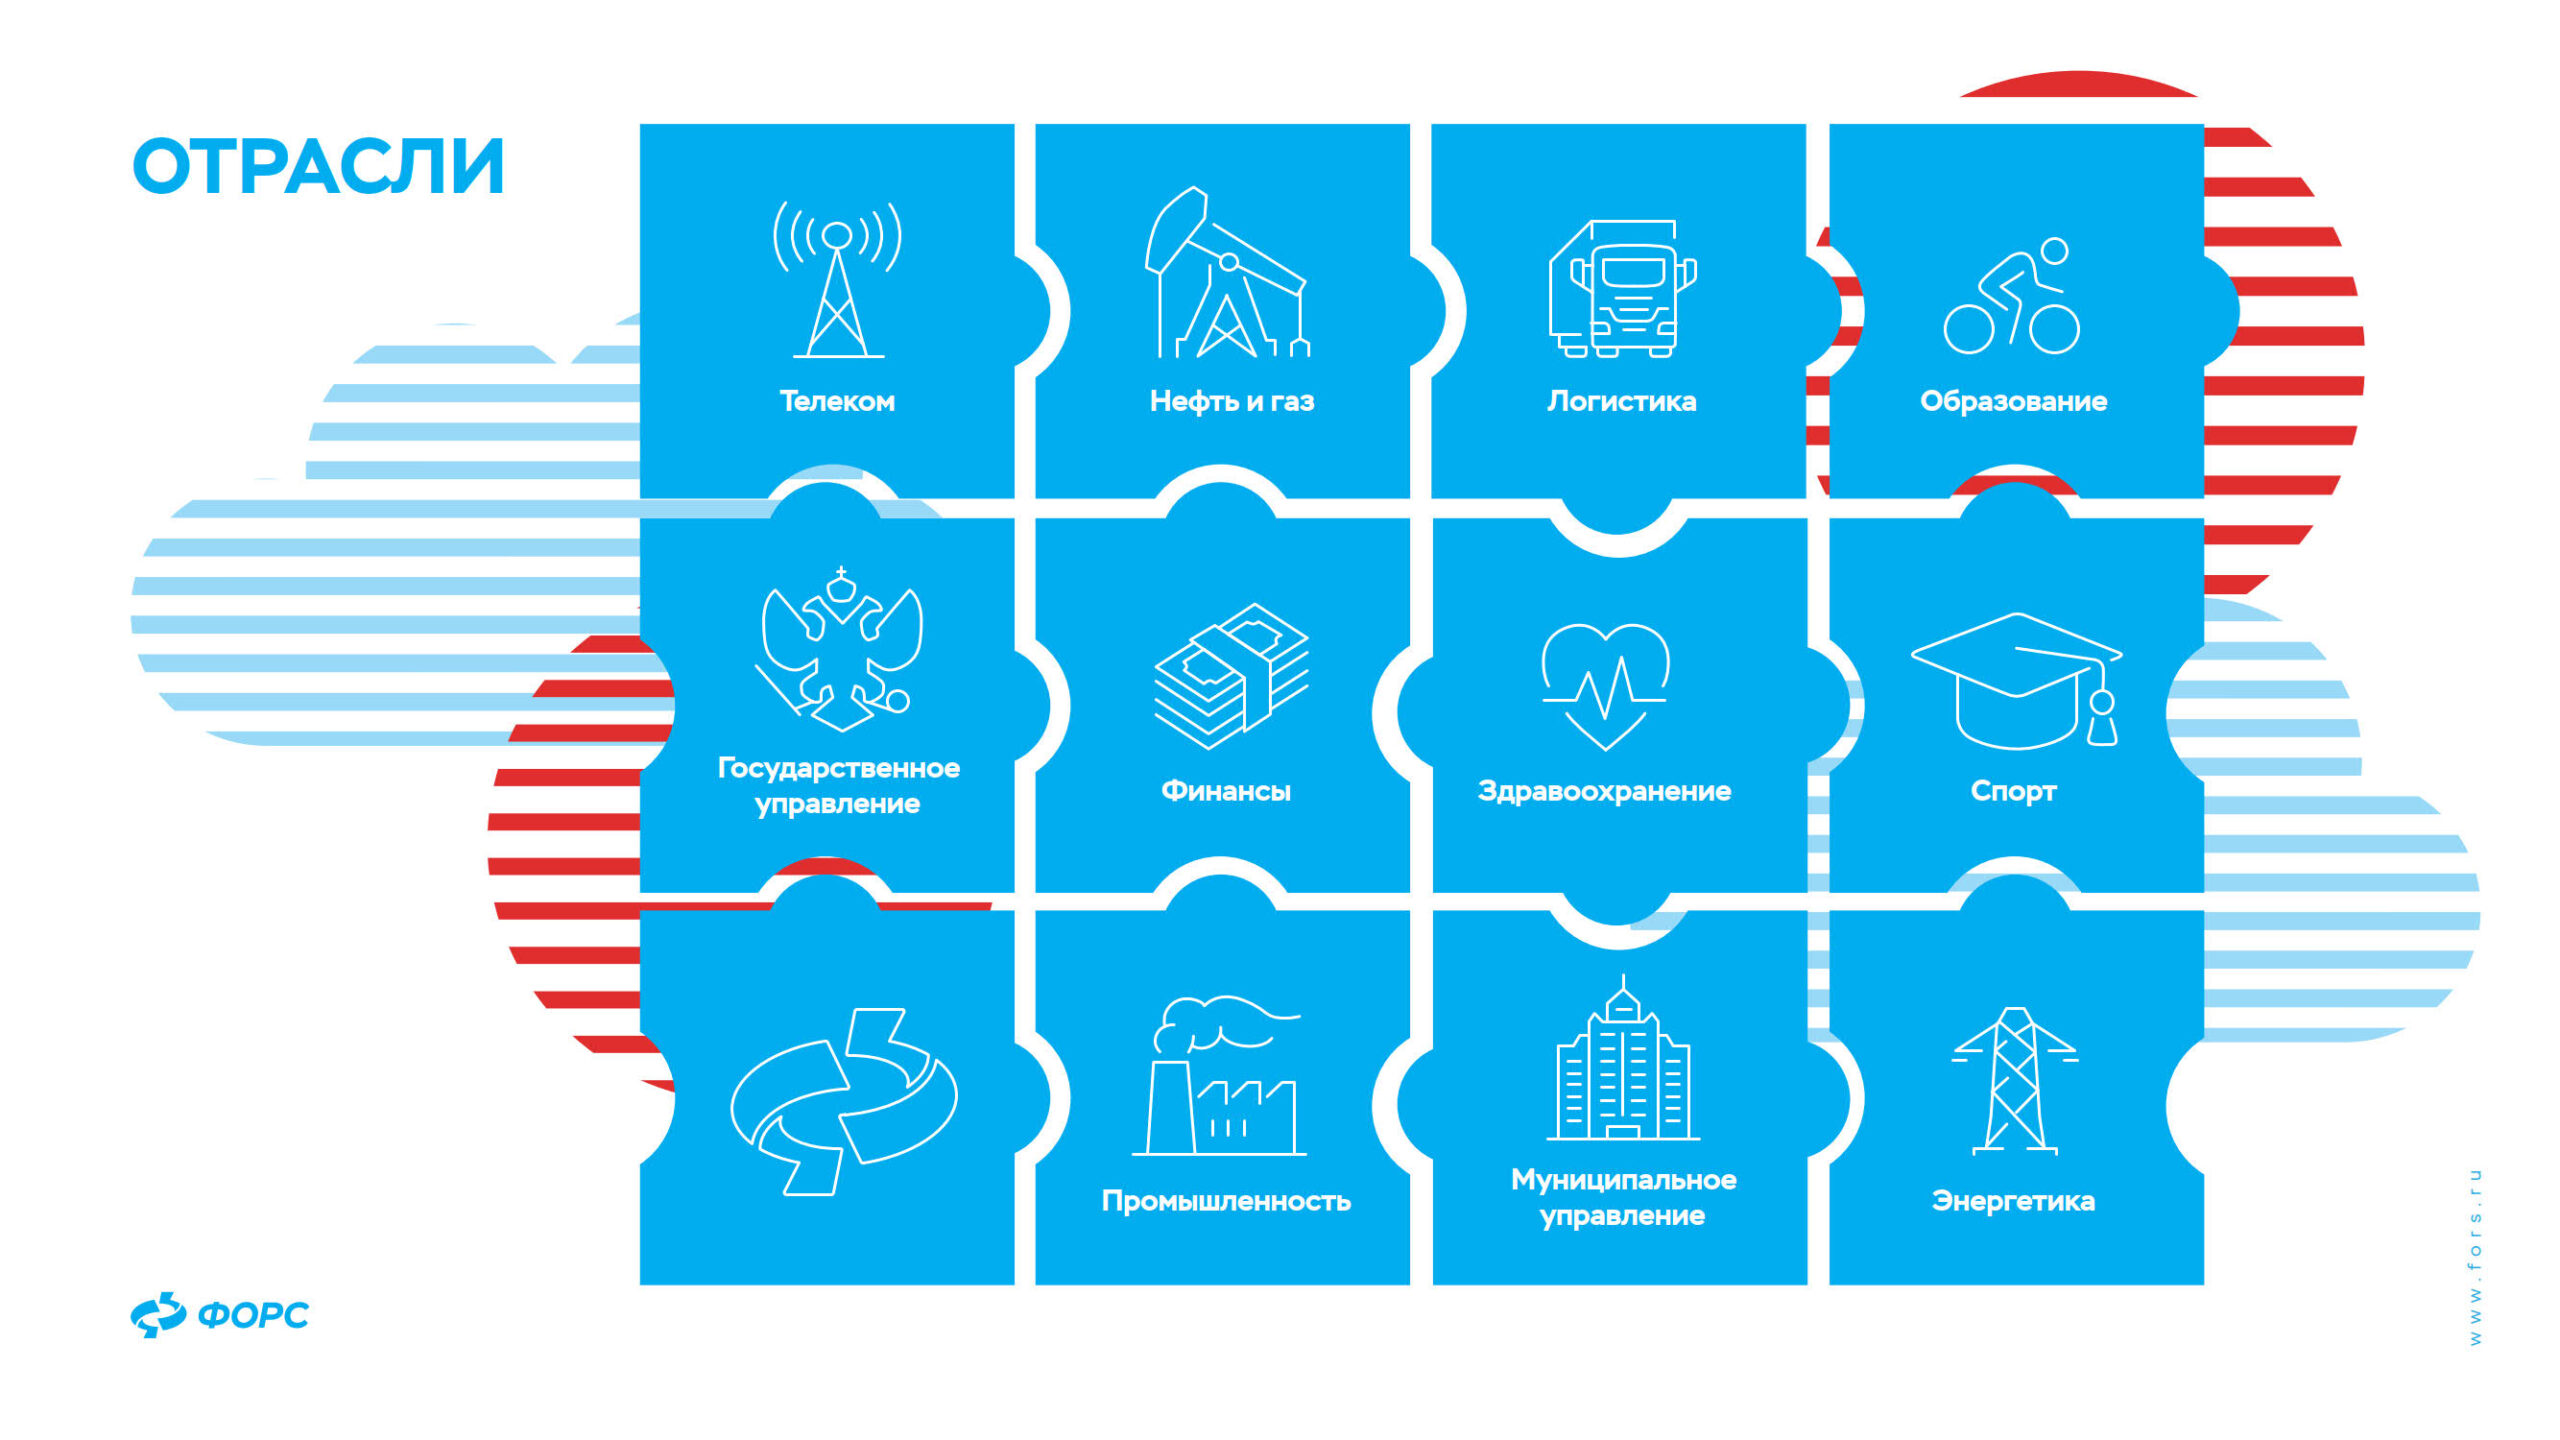 Презентация IT-решений для различных сфер бизнеса